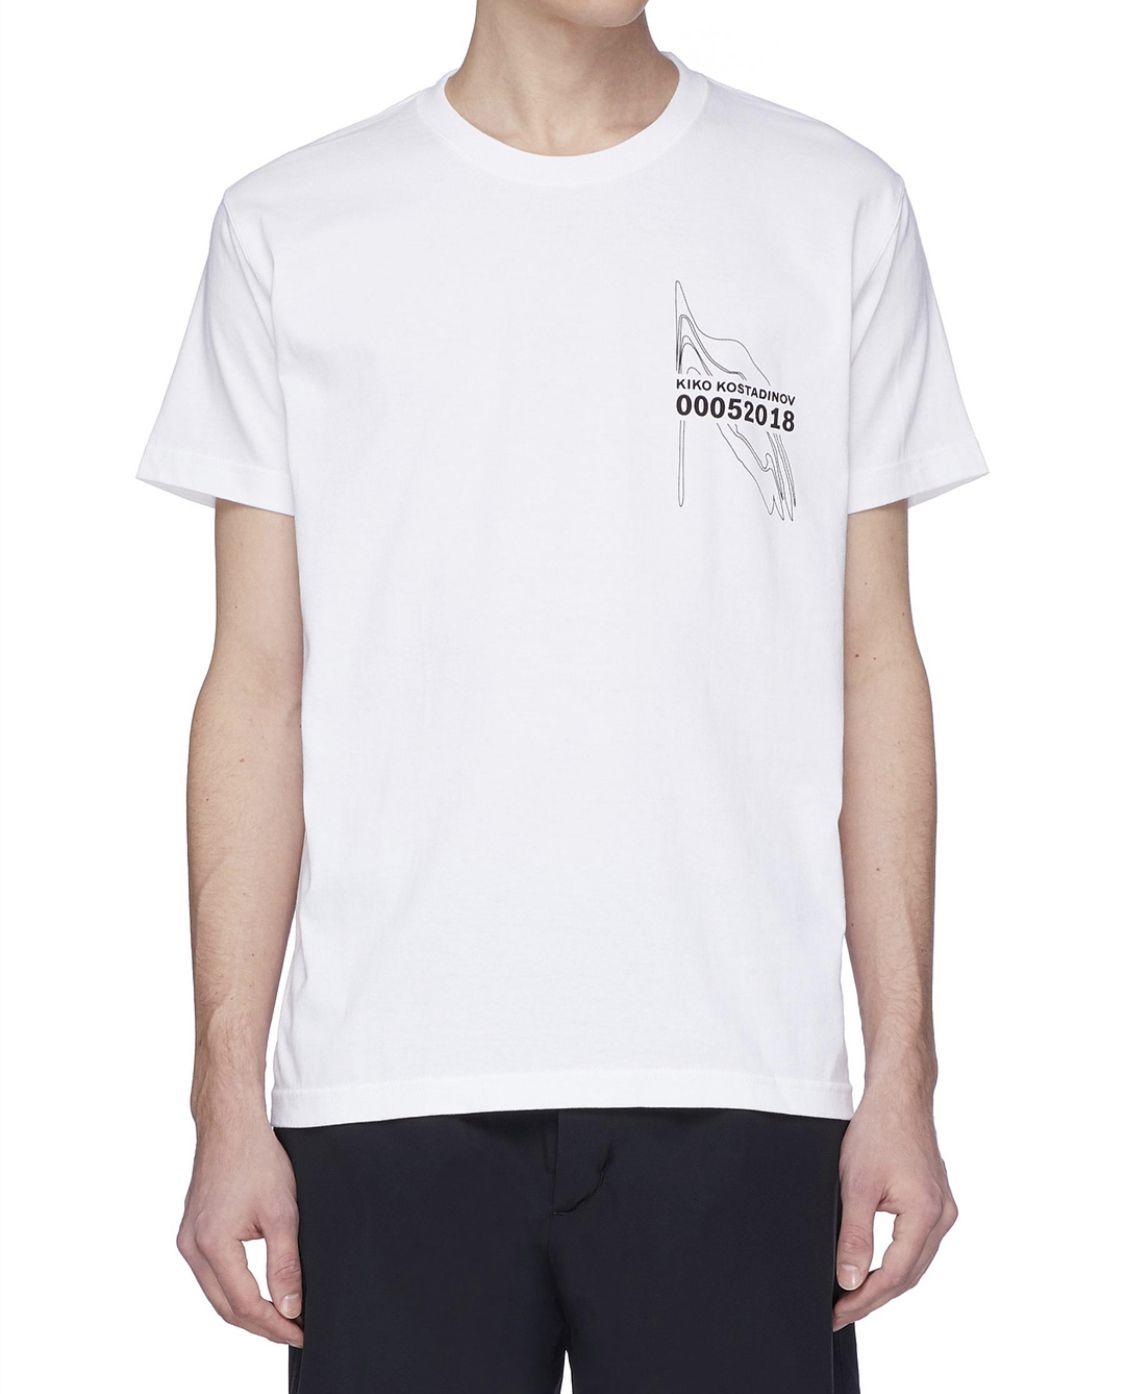 Hombre del diseñador T Shirts Calle KIKO KOSTADINOV 00052018 camiseta del gráfico de manga corta suelta Mujeres Ropa Casual